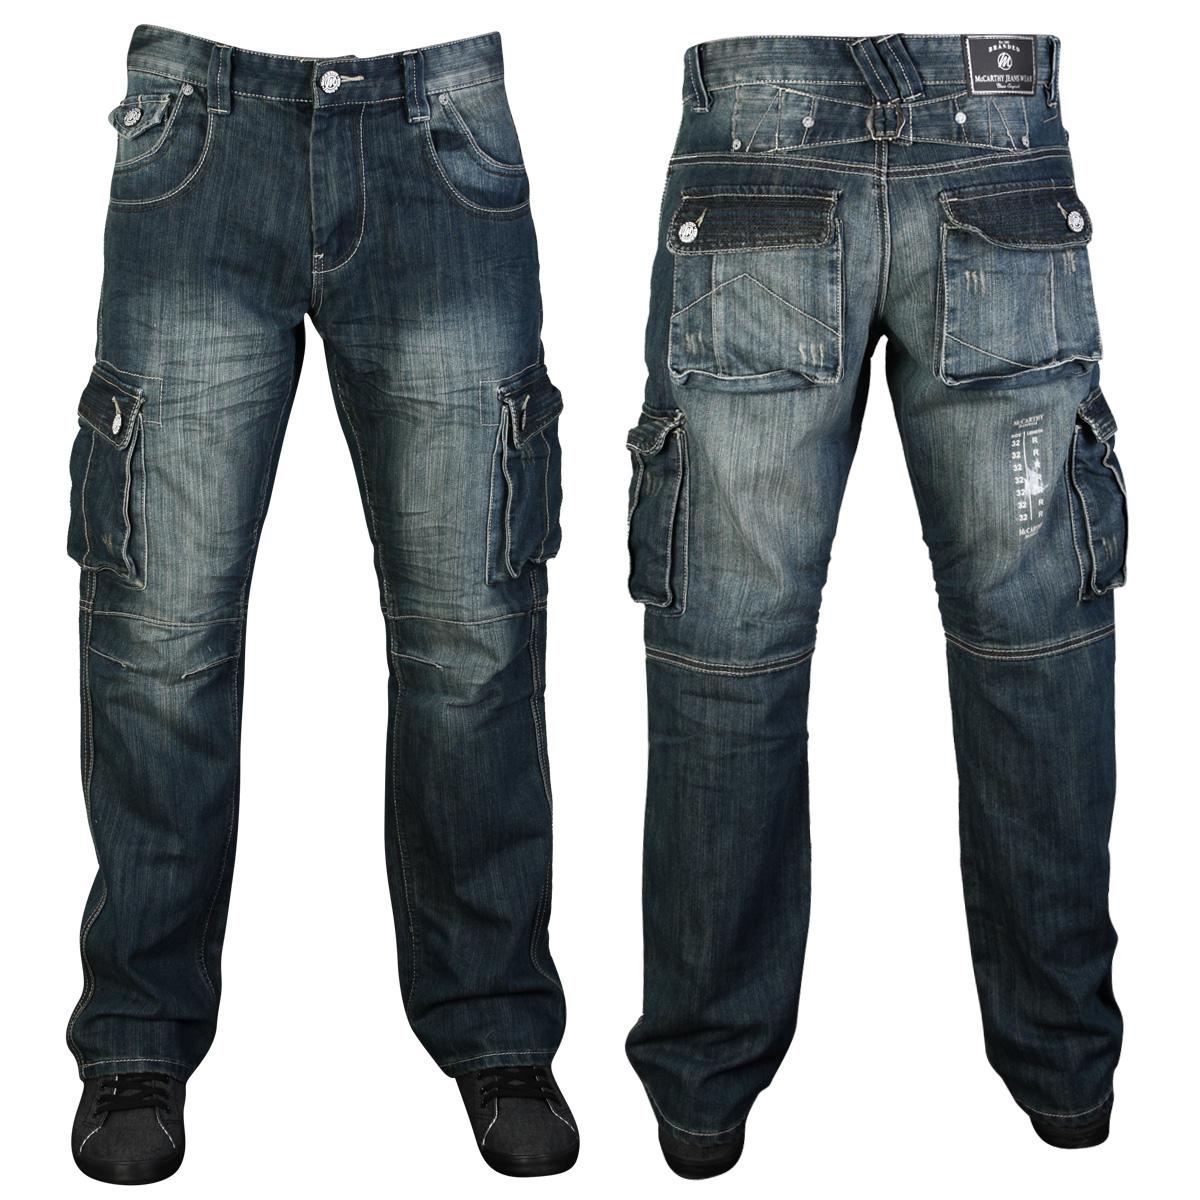 New Straight Fit Mens Blue Denim Kam Buddy Designer Jeans All Waist Leg Sizes Ebay